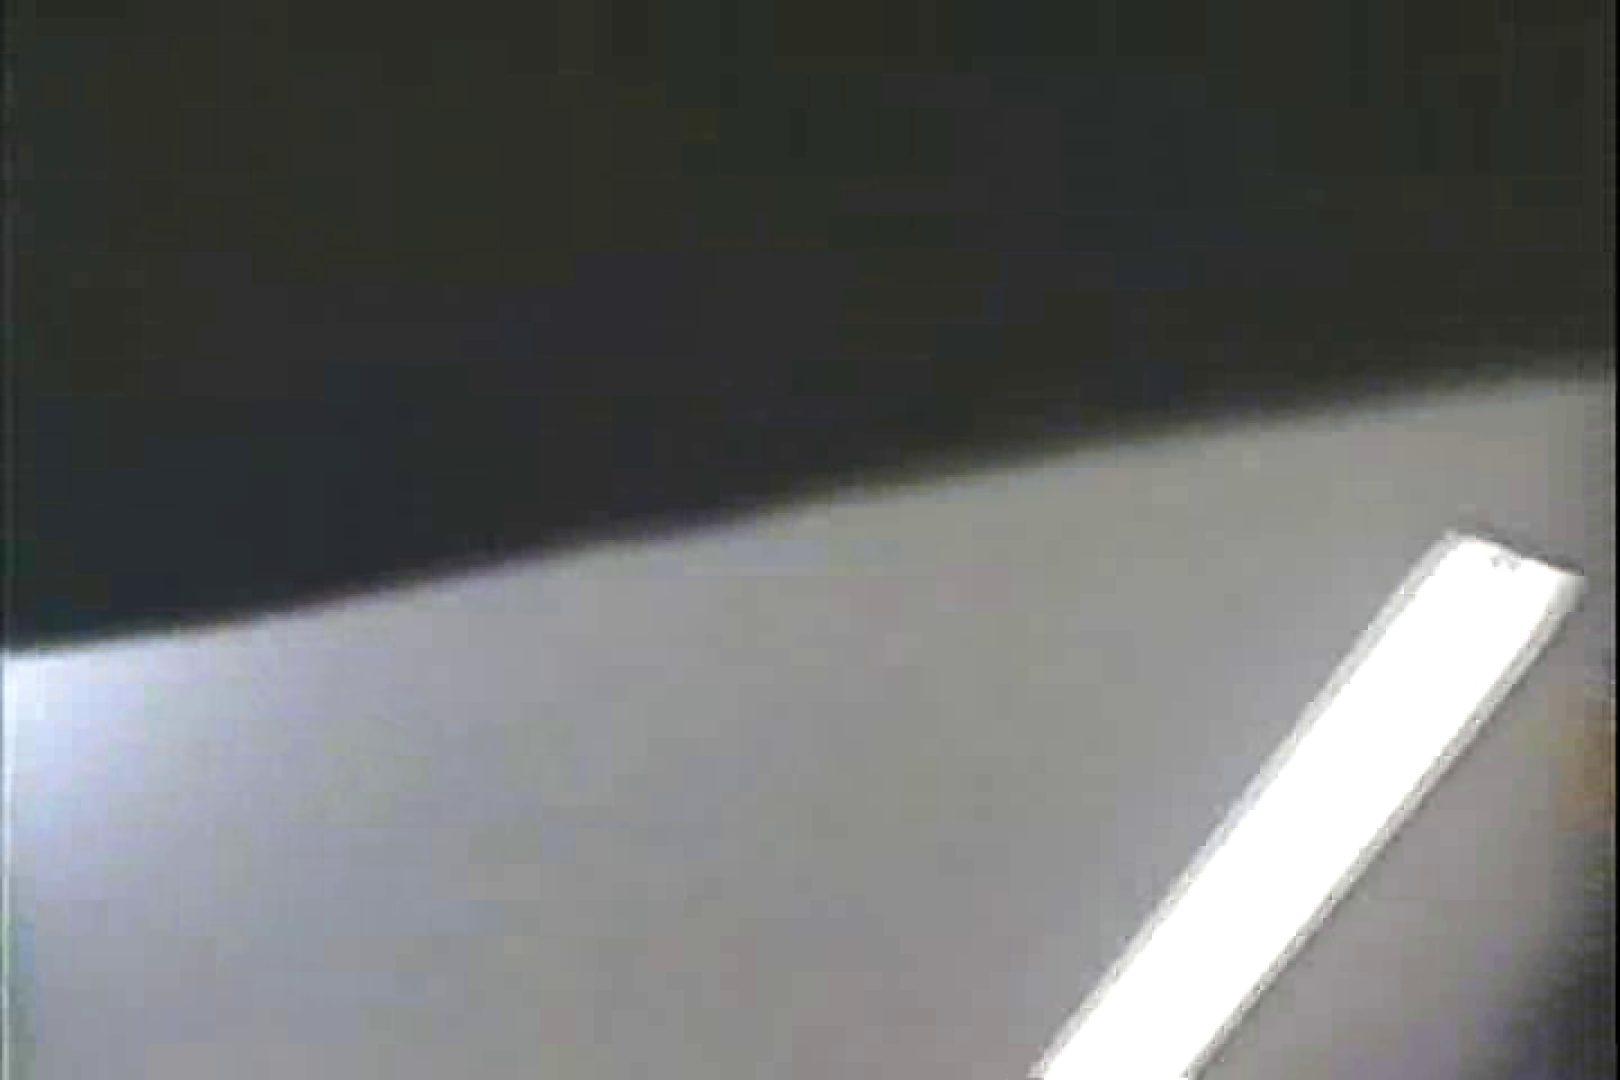 「ちくりん」さんのオリジナル未編集パンチラVol.3_02 テクニック セックス画像 46pic 14